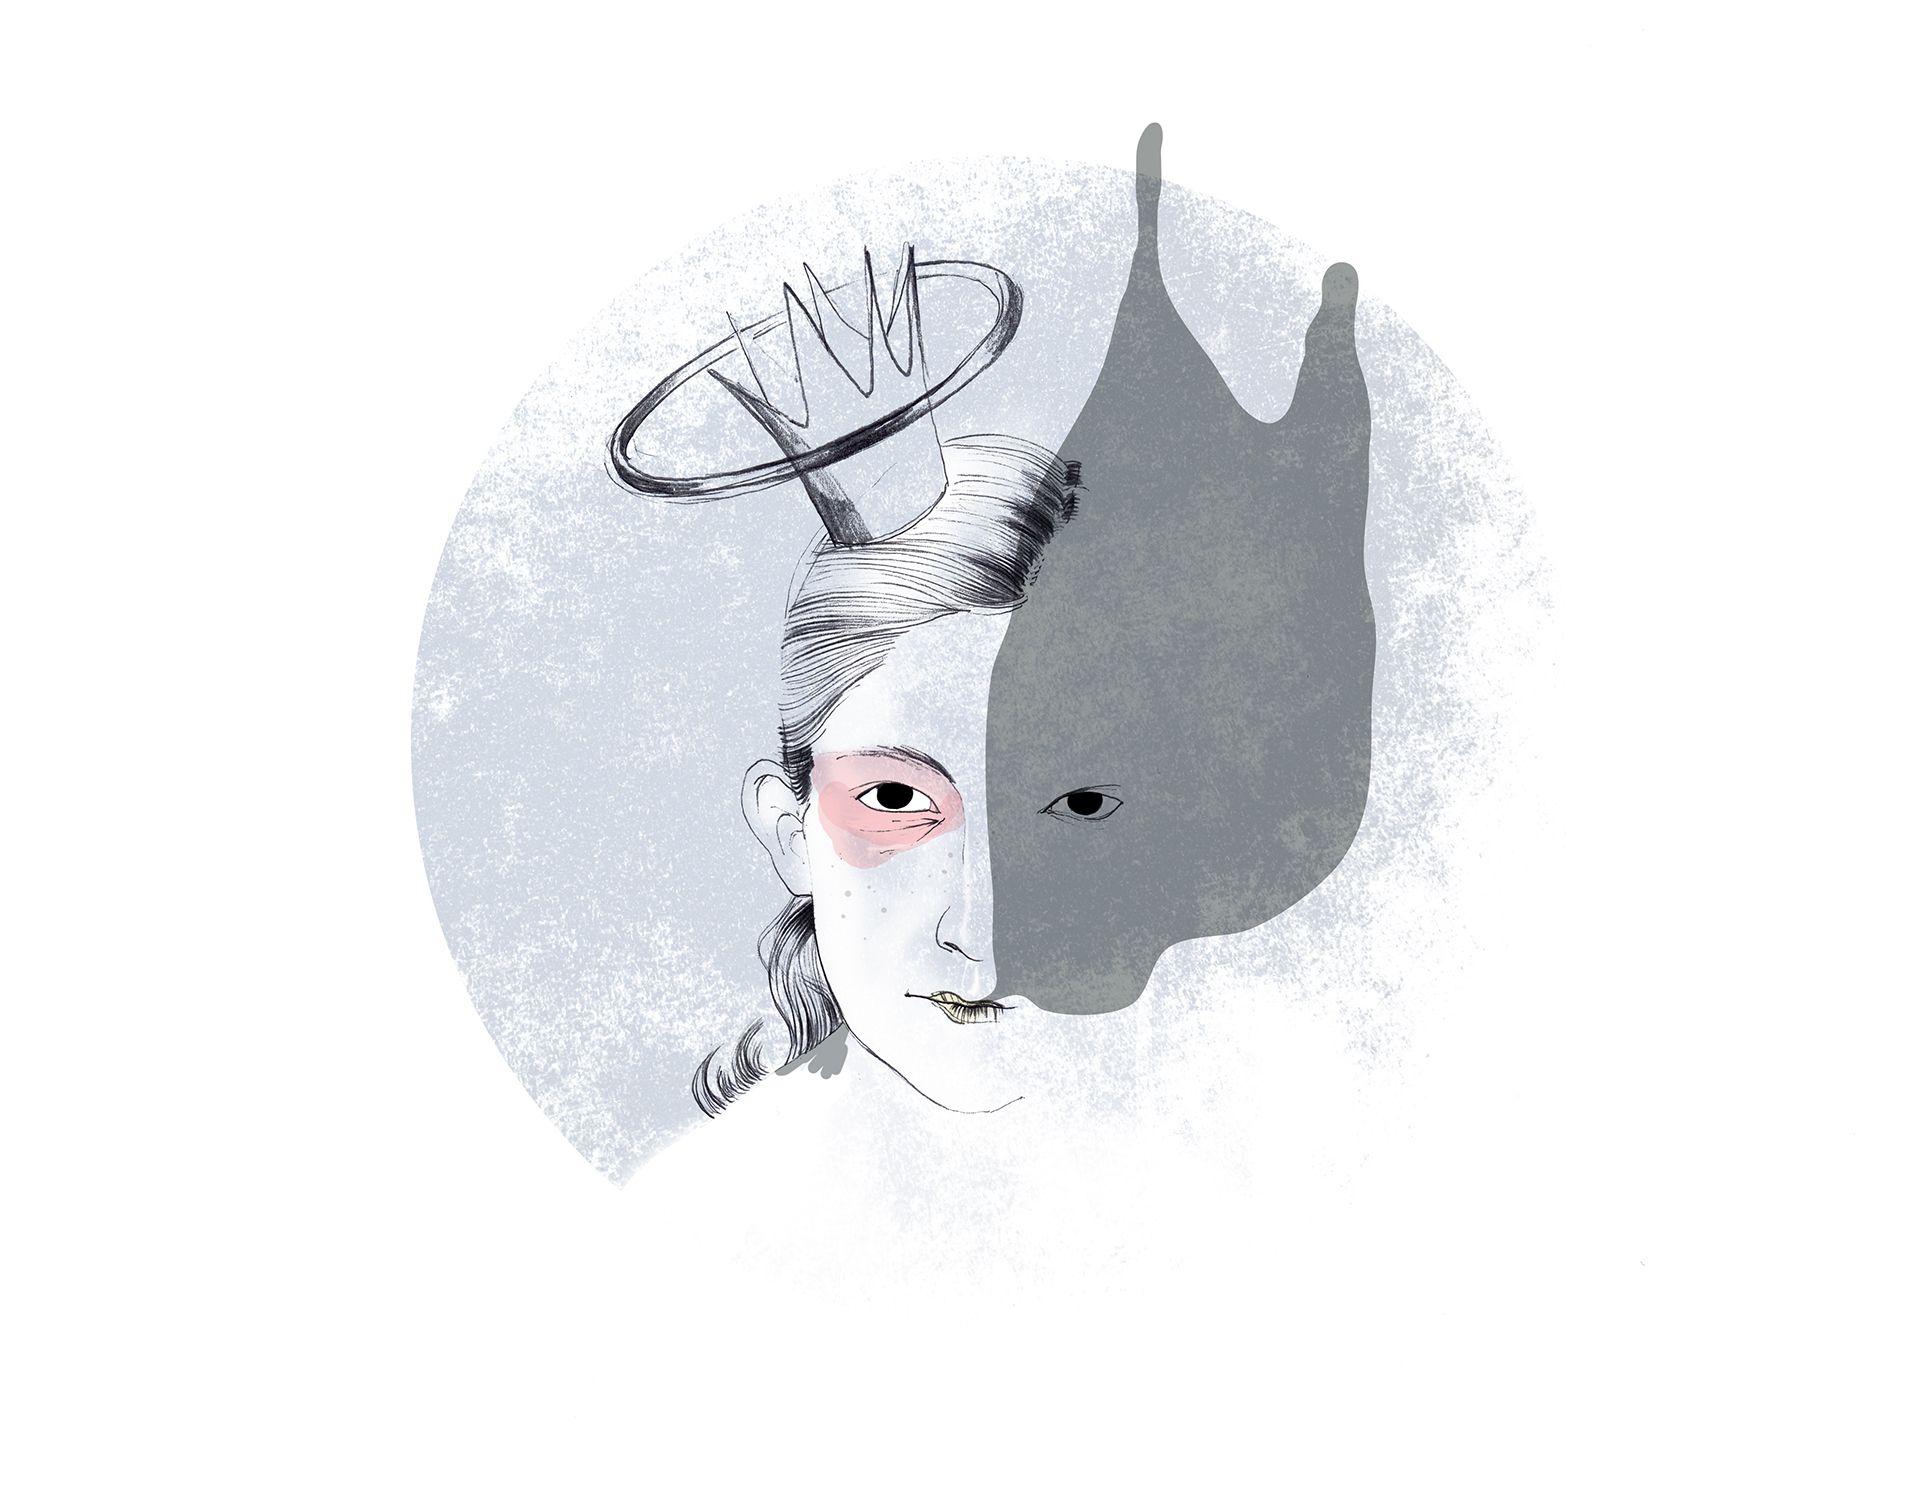 From InJour Magazine, October 2013. Illustration by Sarah Egbert Eiersholt